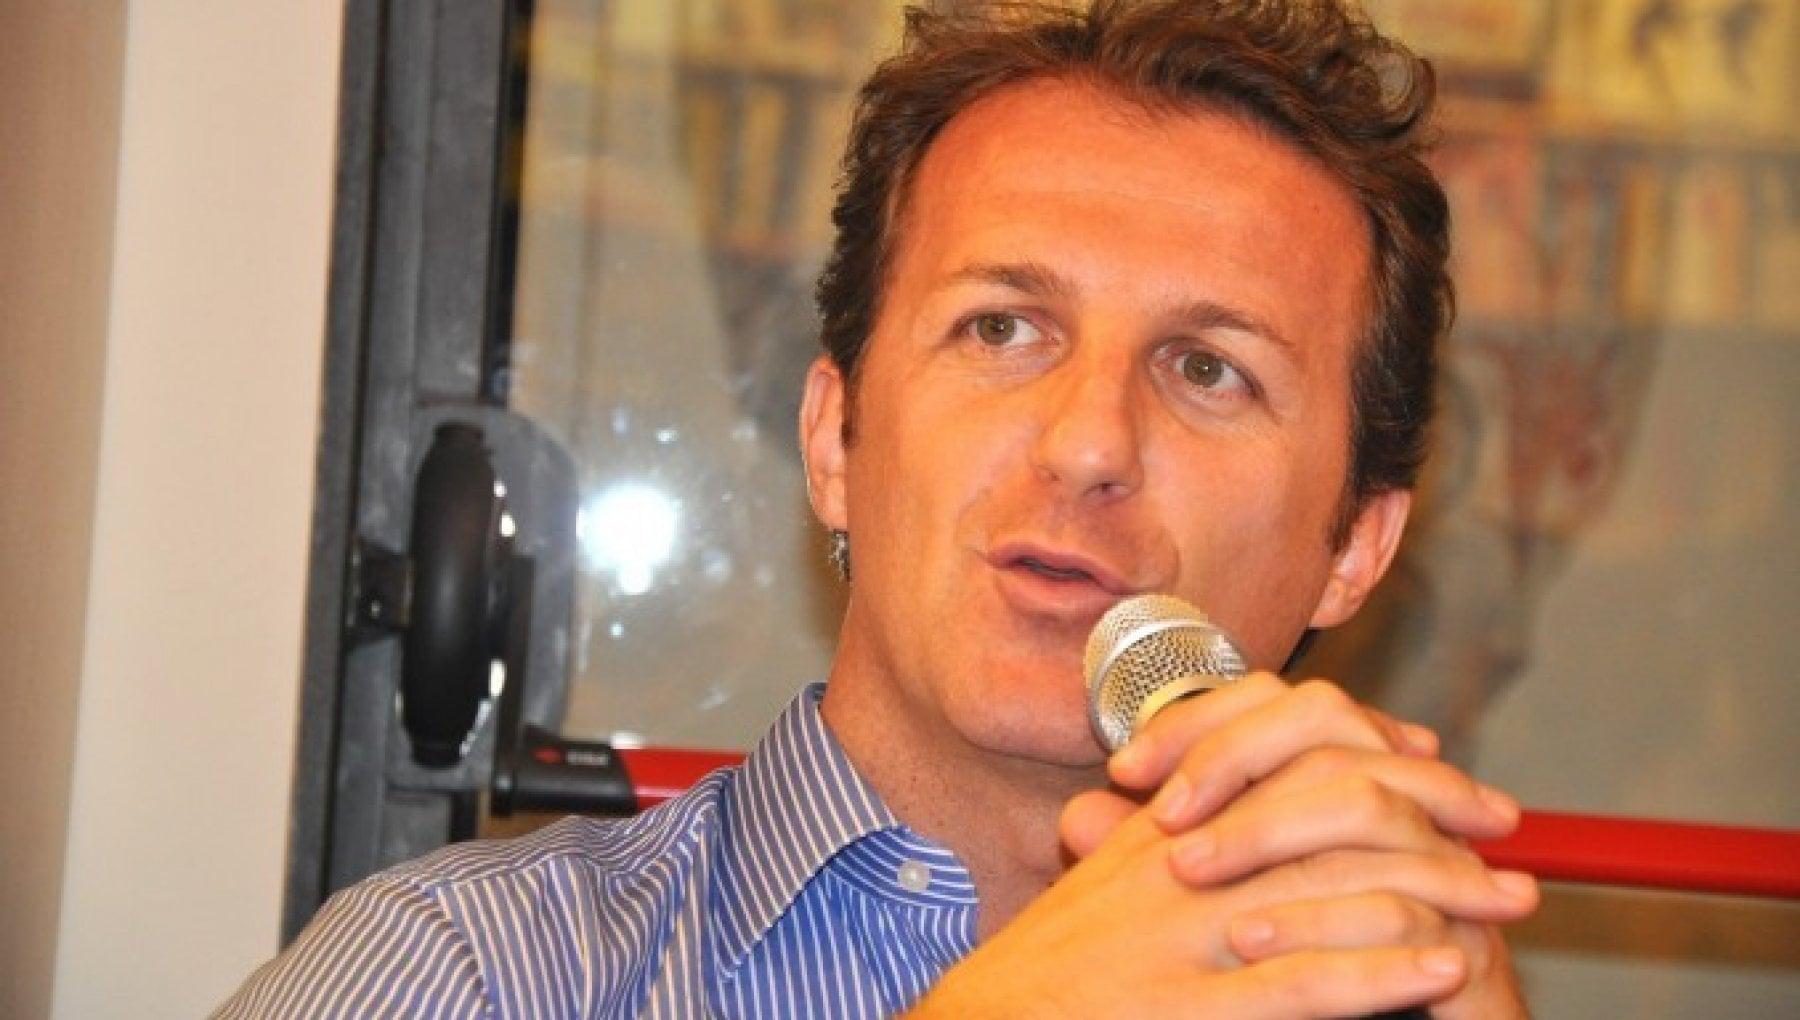 Elezioni comunali a Milano Rasia si presenta come candidato sindaco del centrodestra Noi siamo pronti